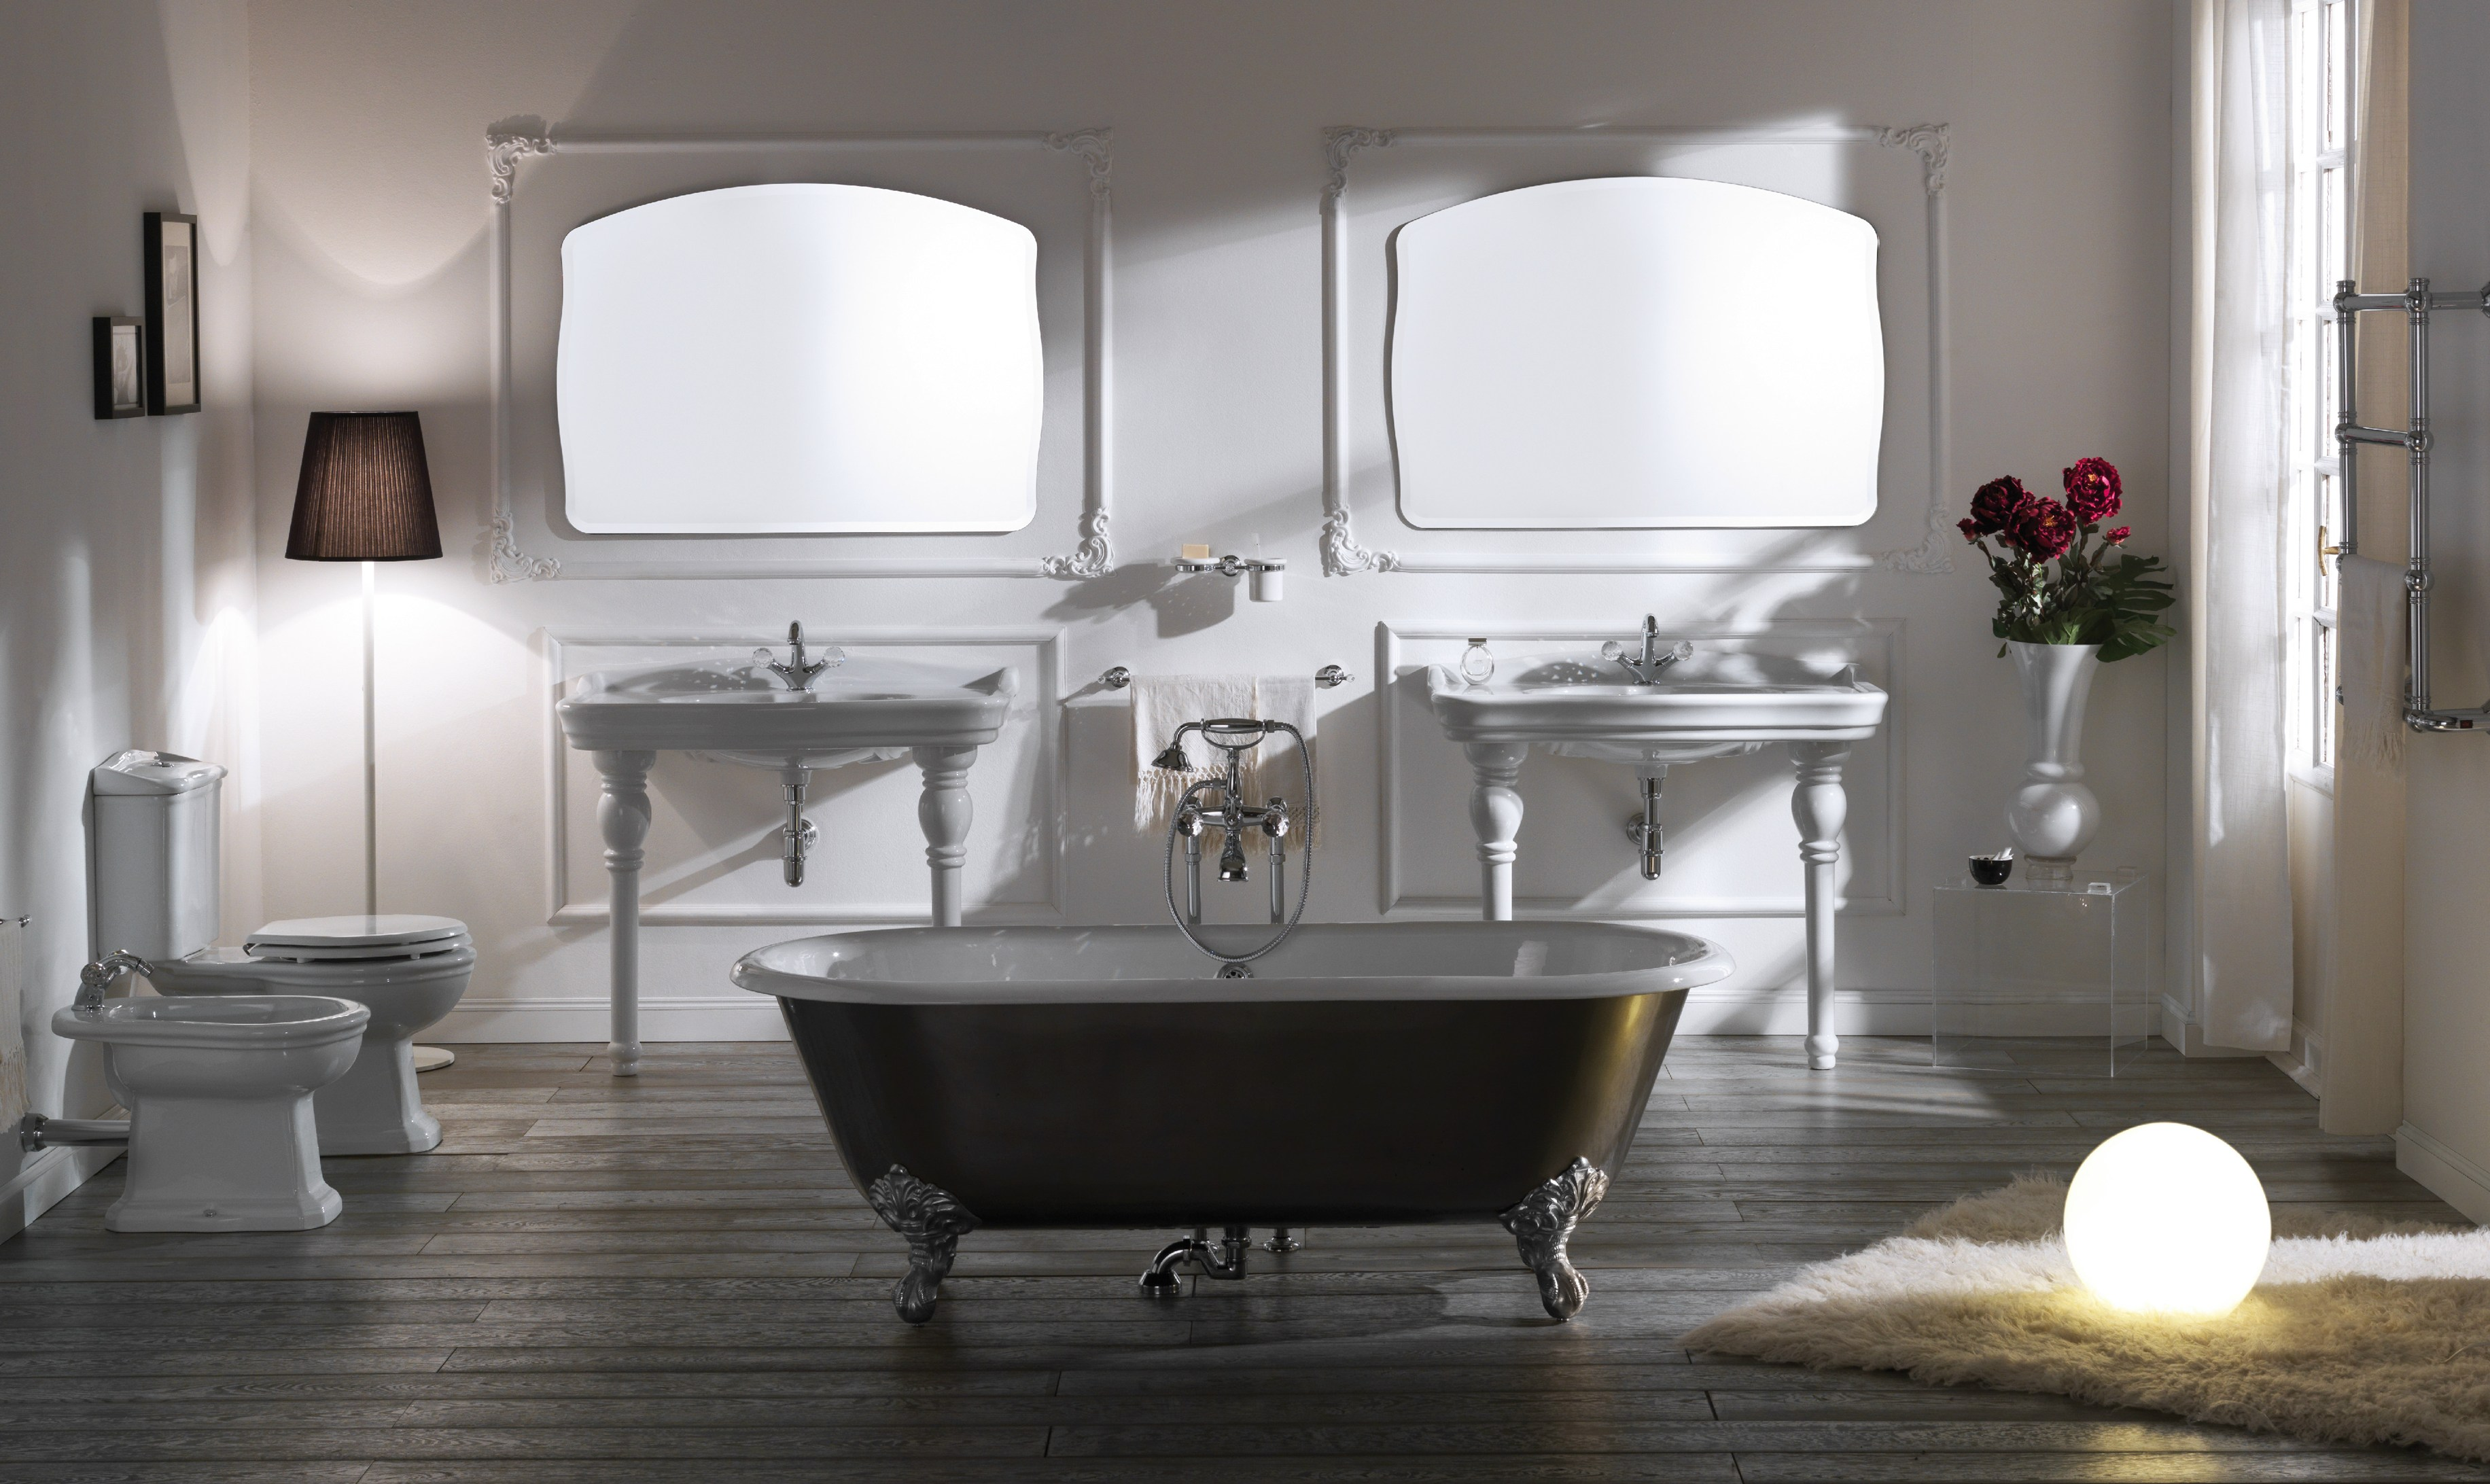 Impero style vasca da bagno centro stanza by giulini g for Stile impero arredamento